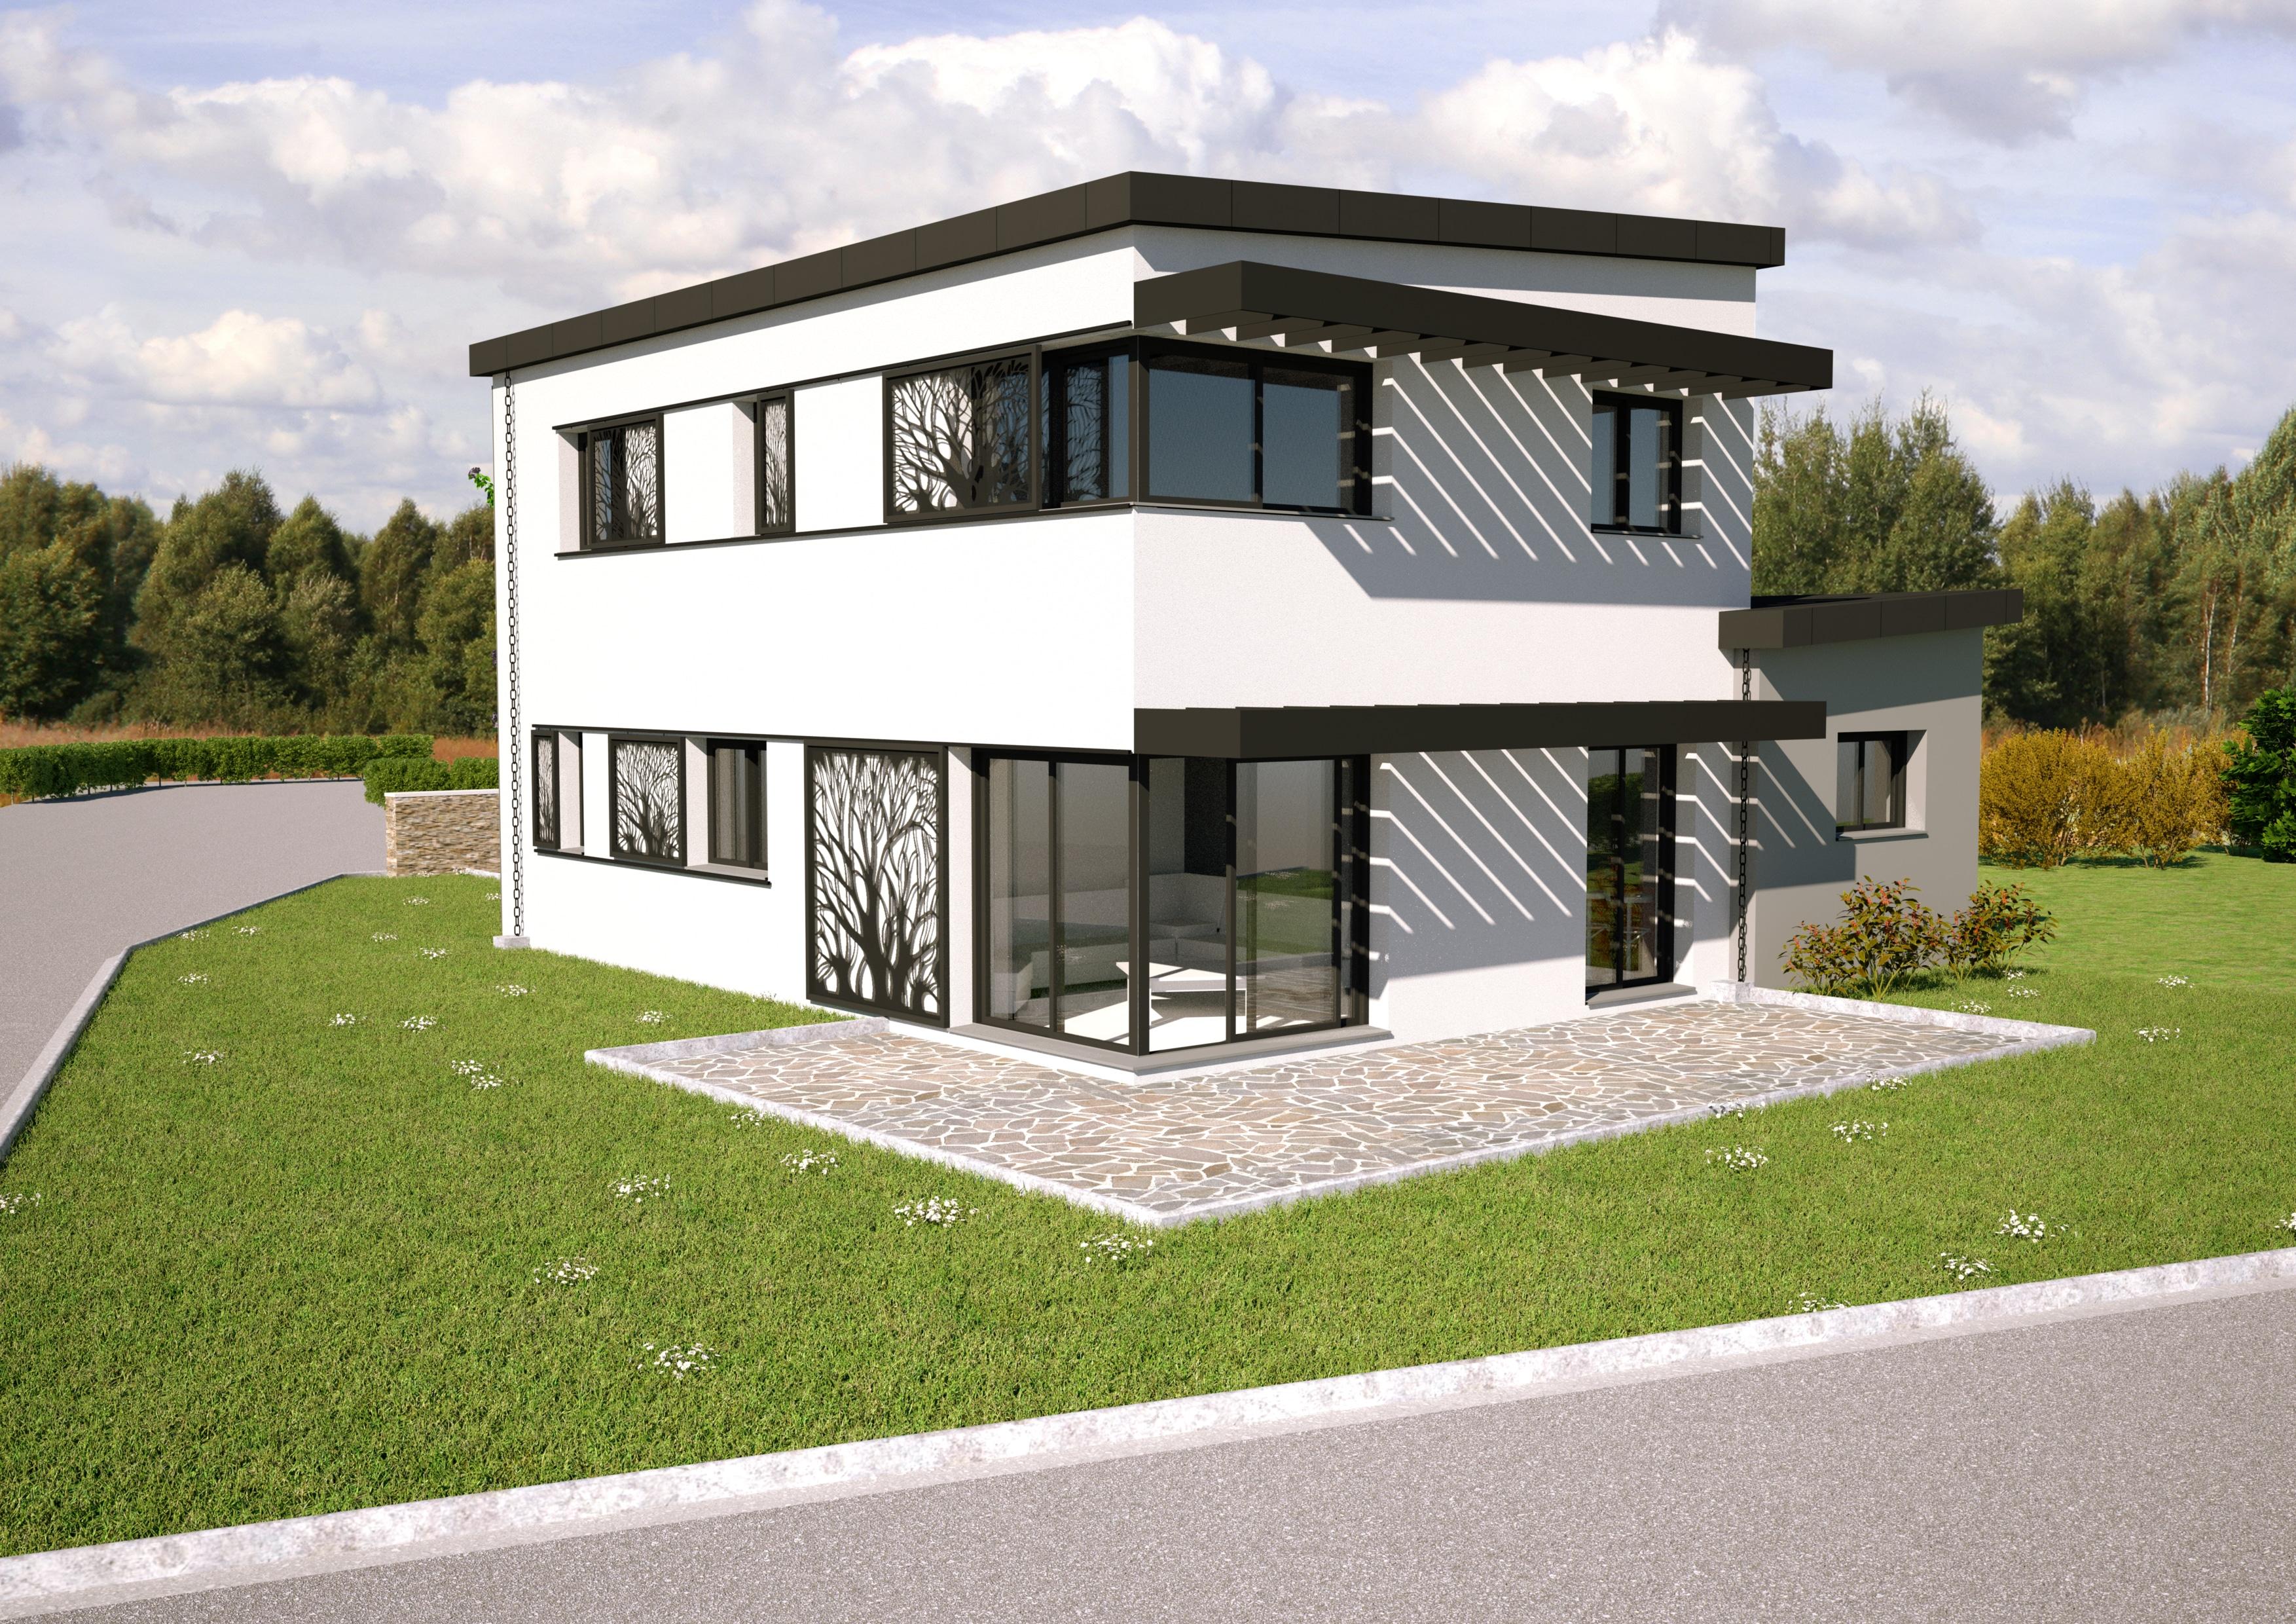 Carhaix maisons de l 39 avenir ouvre une agence bilingue fran ais breton - Avenir maison ...